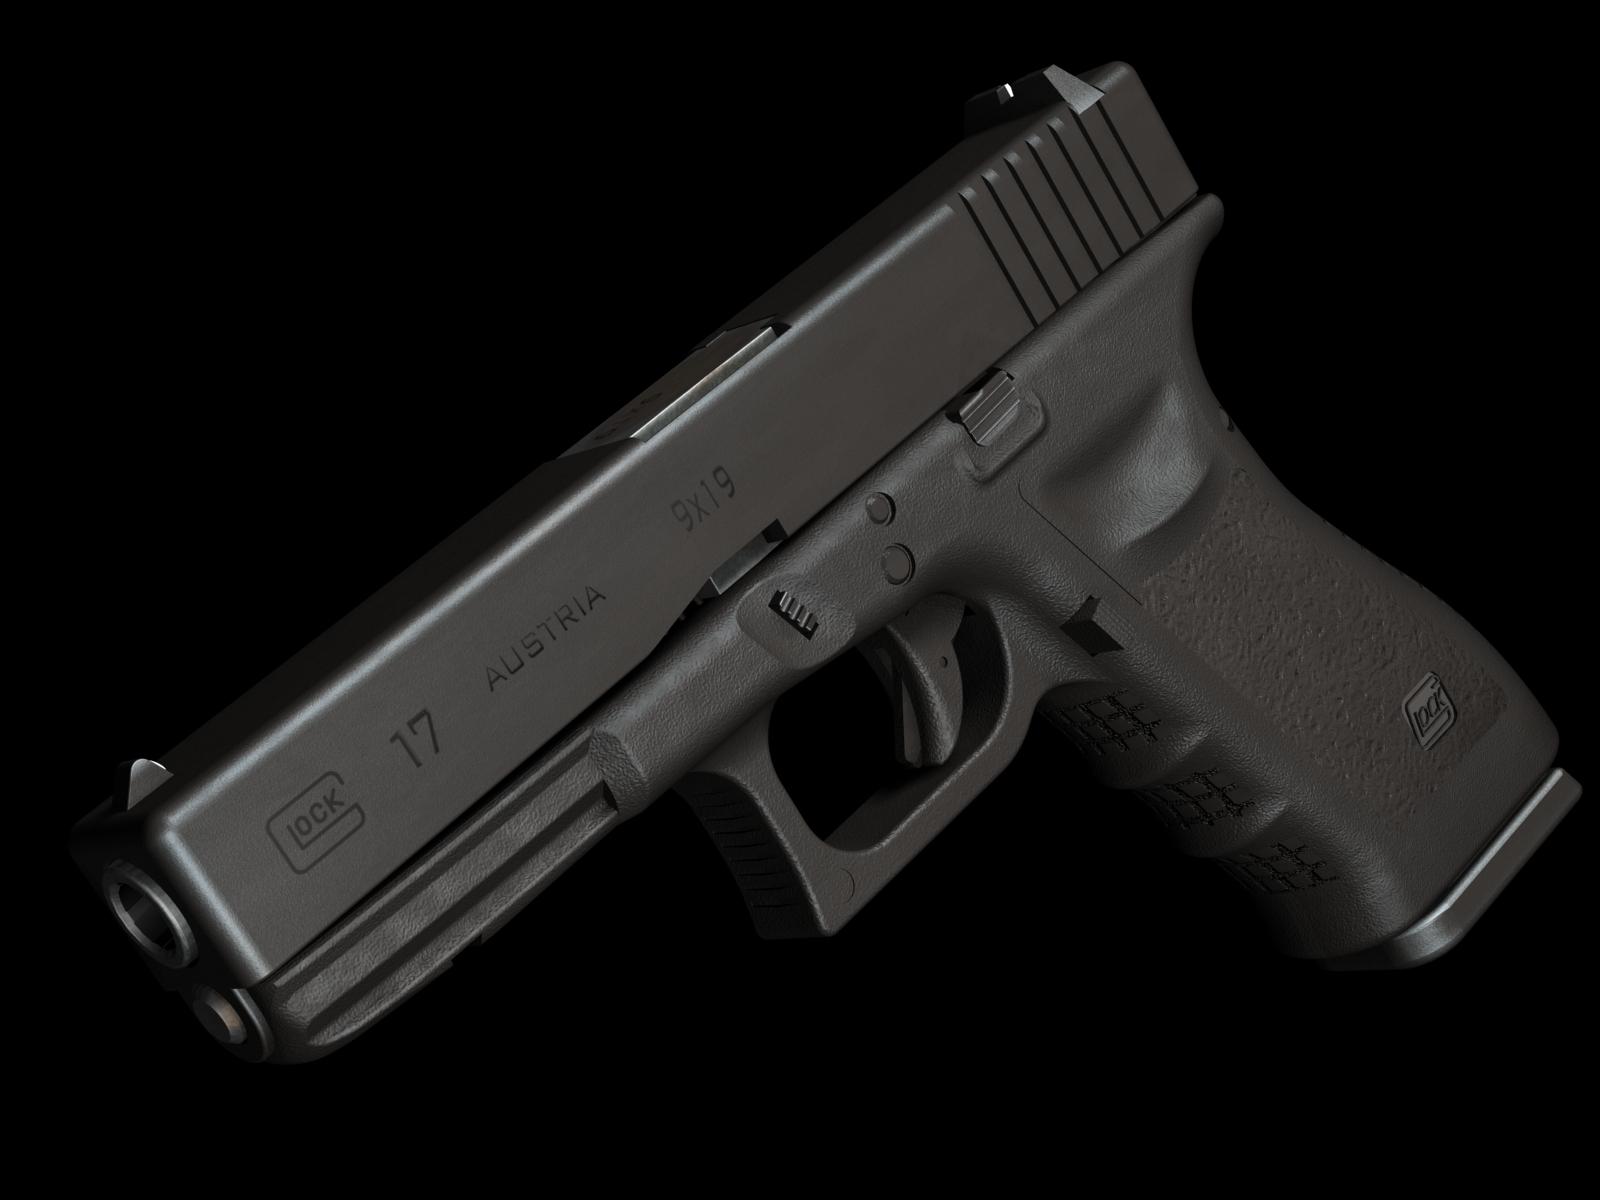 Глок-17 пистолет, обои для рабочего стола, gun Glok-17 wallpaper, weapon, оружие